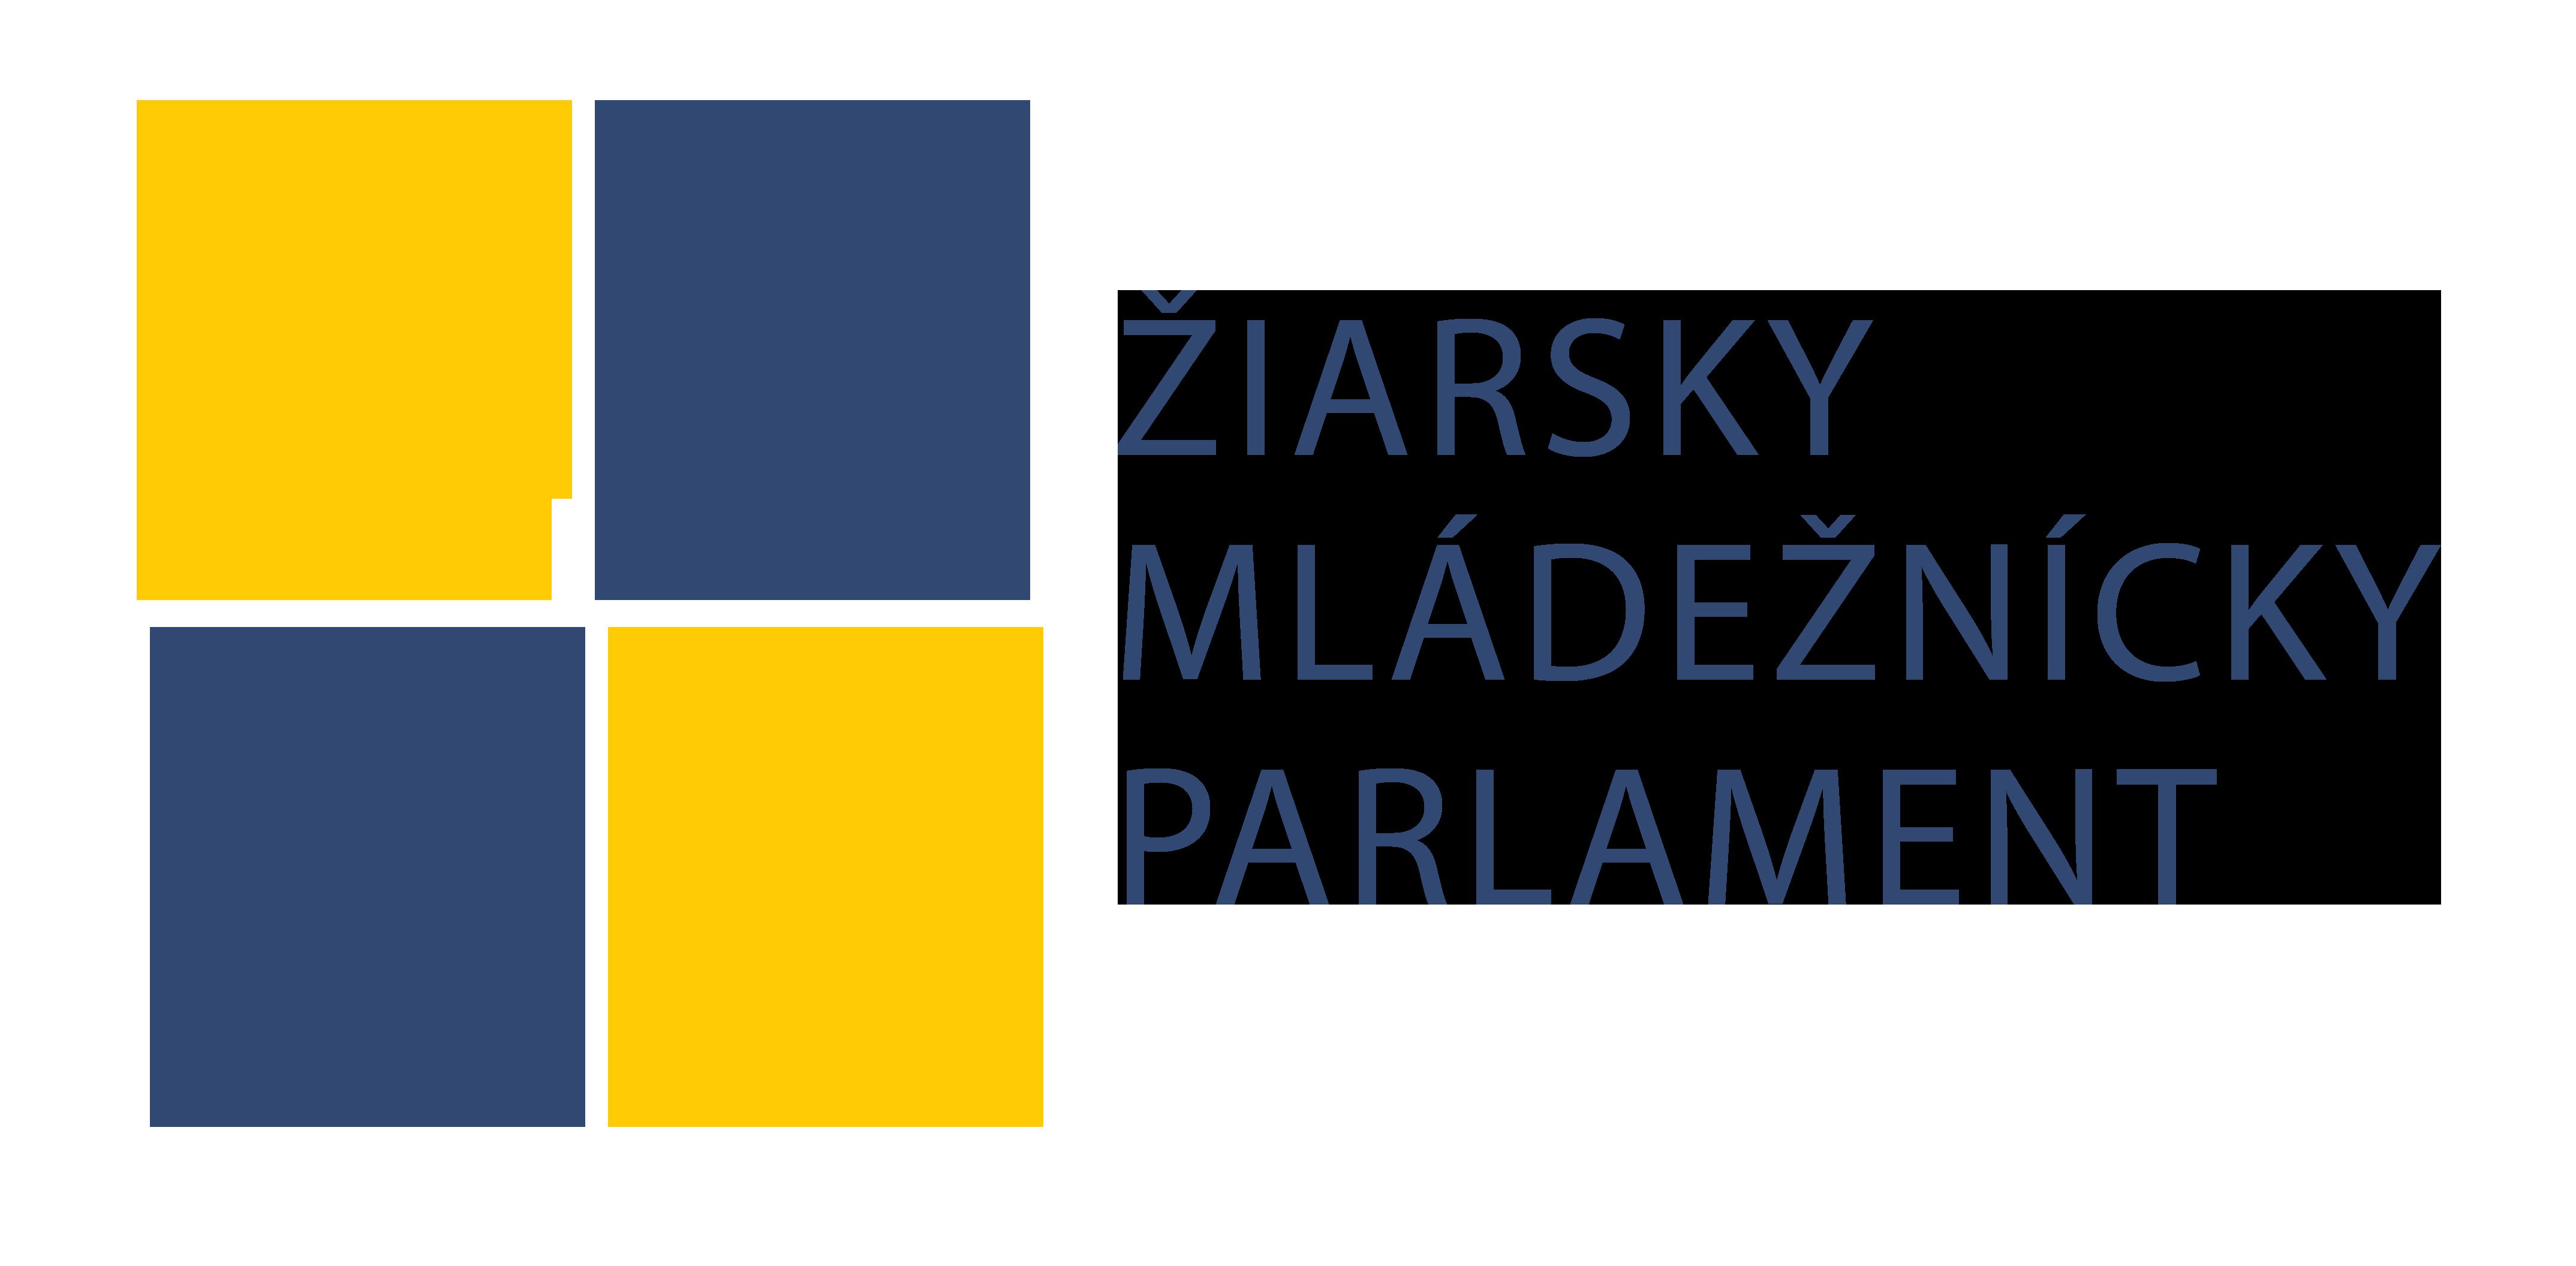 Žiarsky mládežnícky parlament